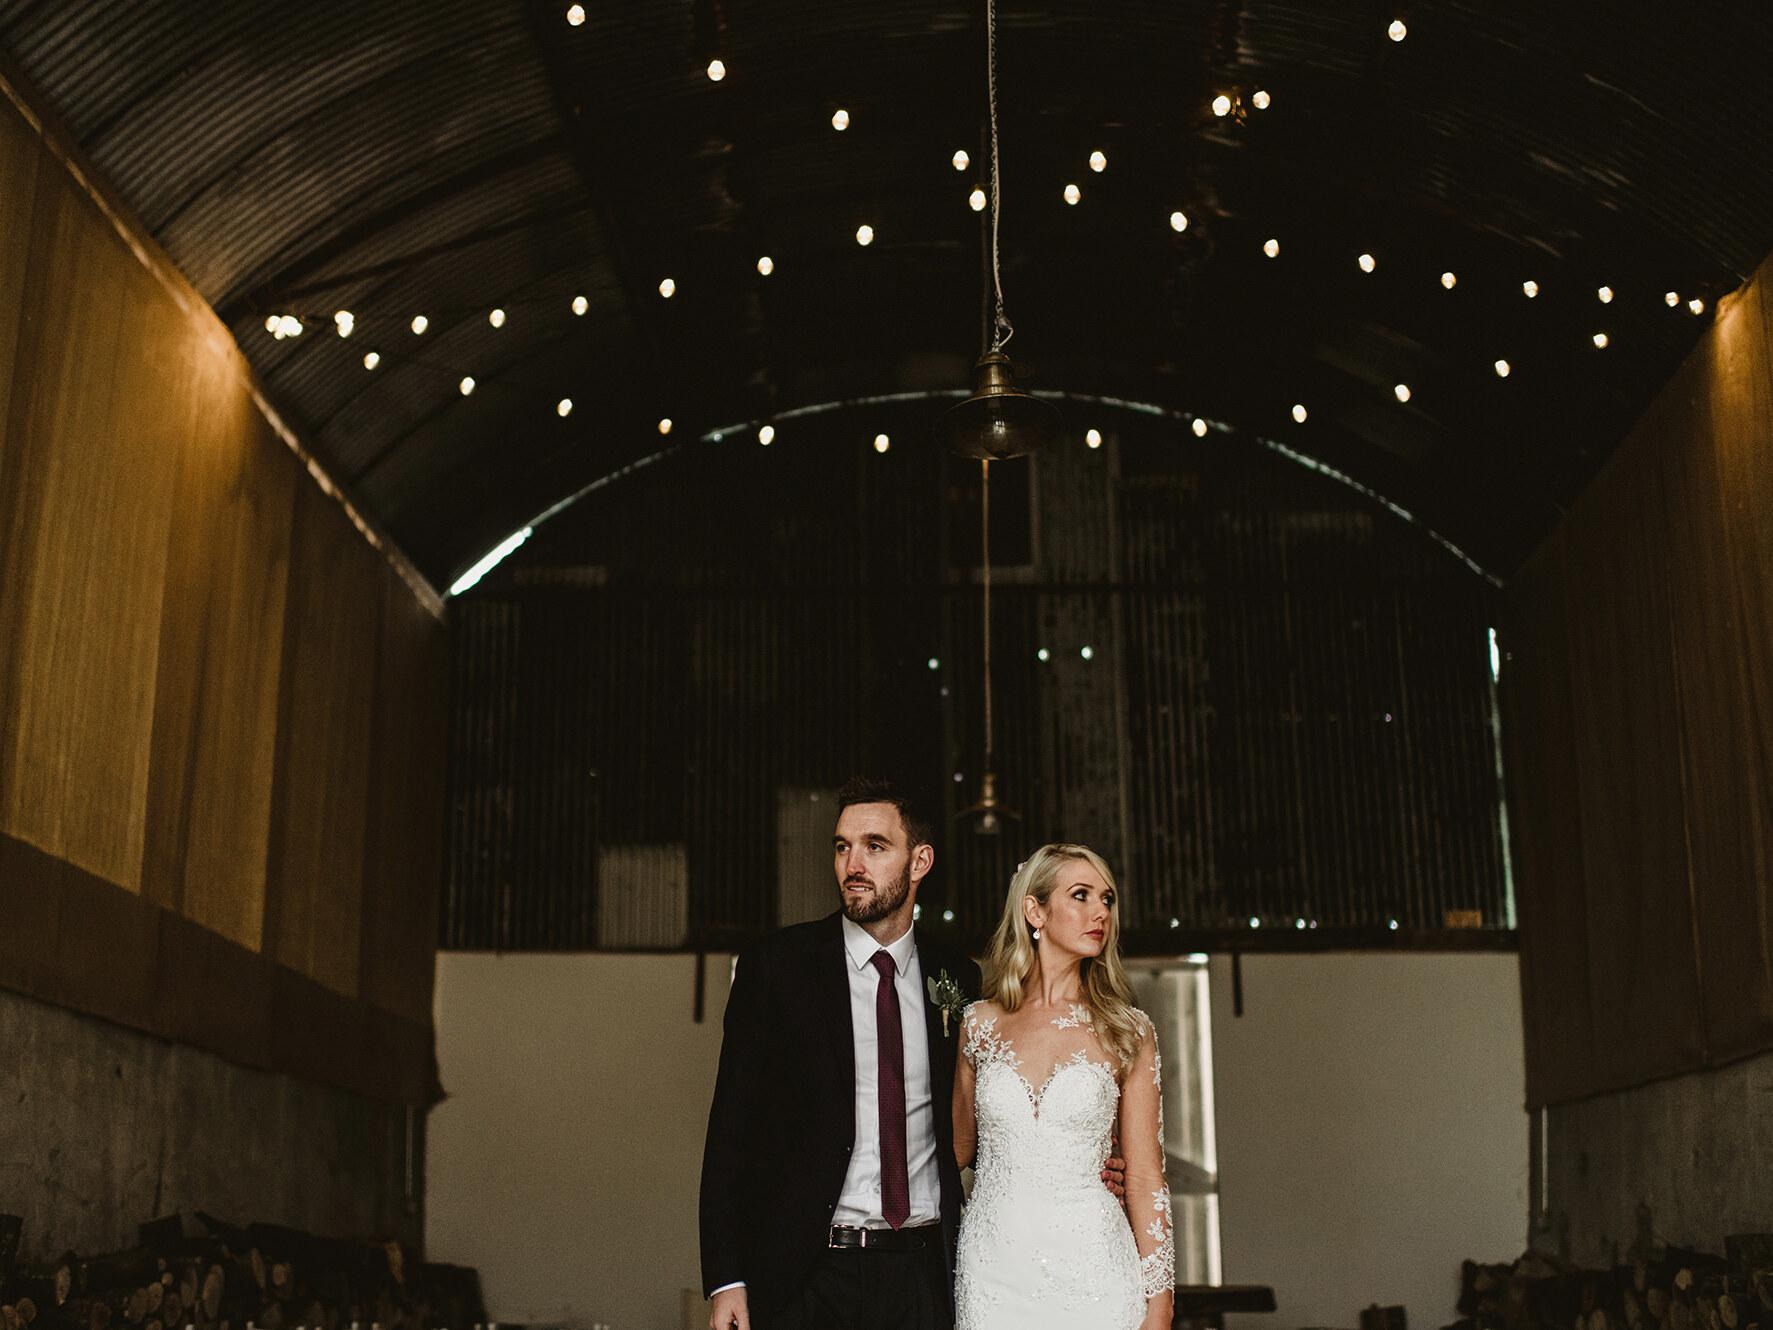 Inside Quirky Wedding Barn in Cloughjordan House